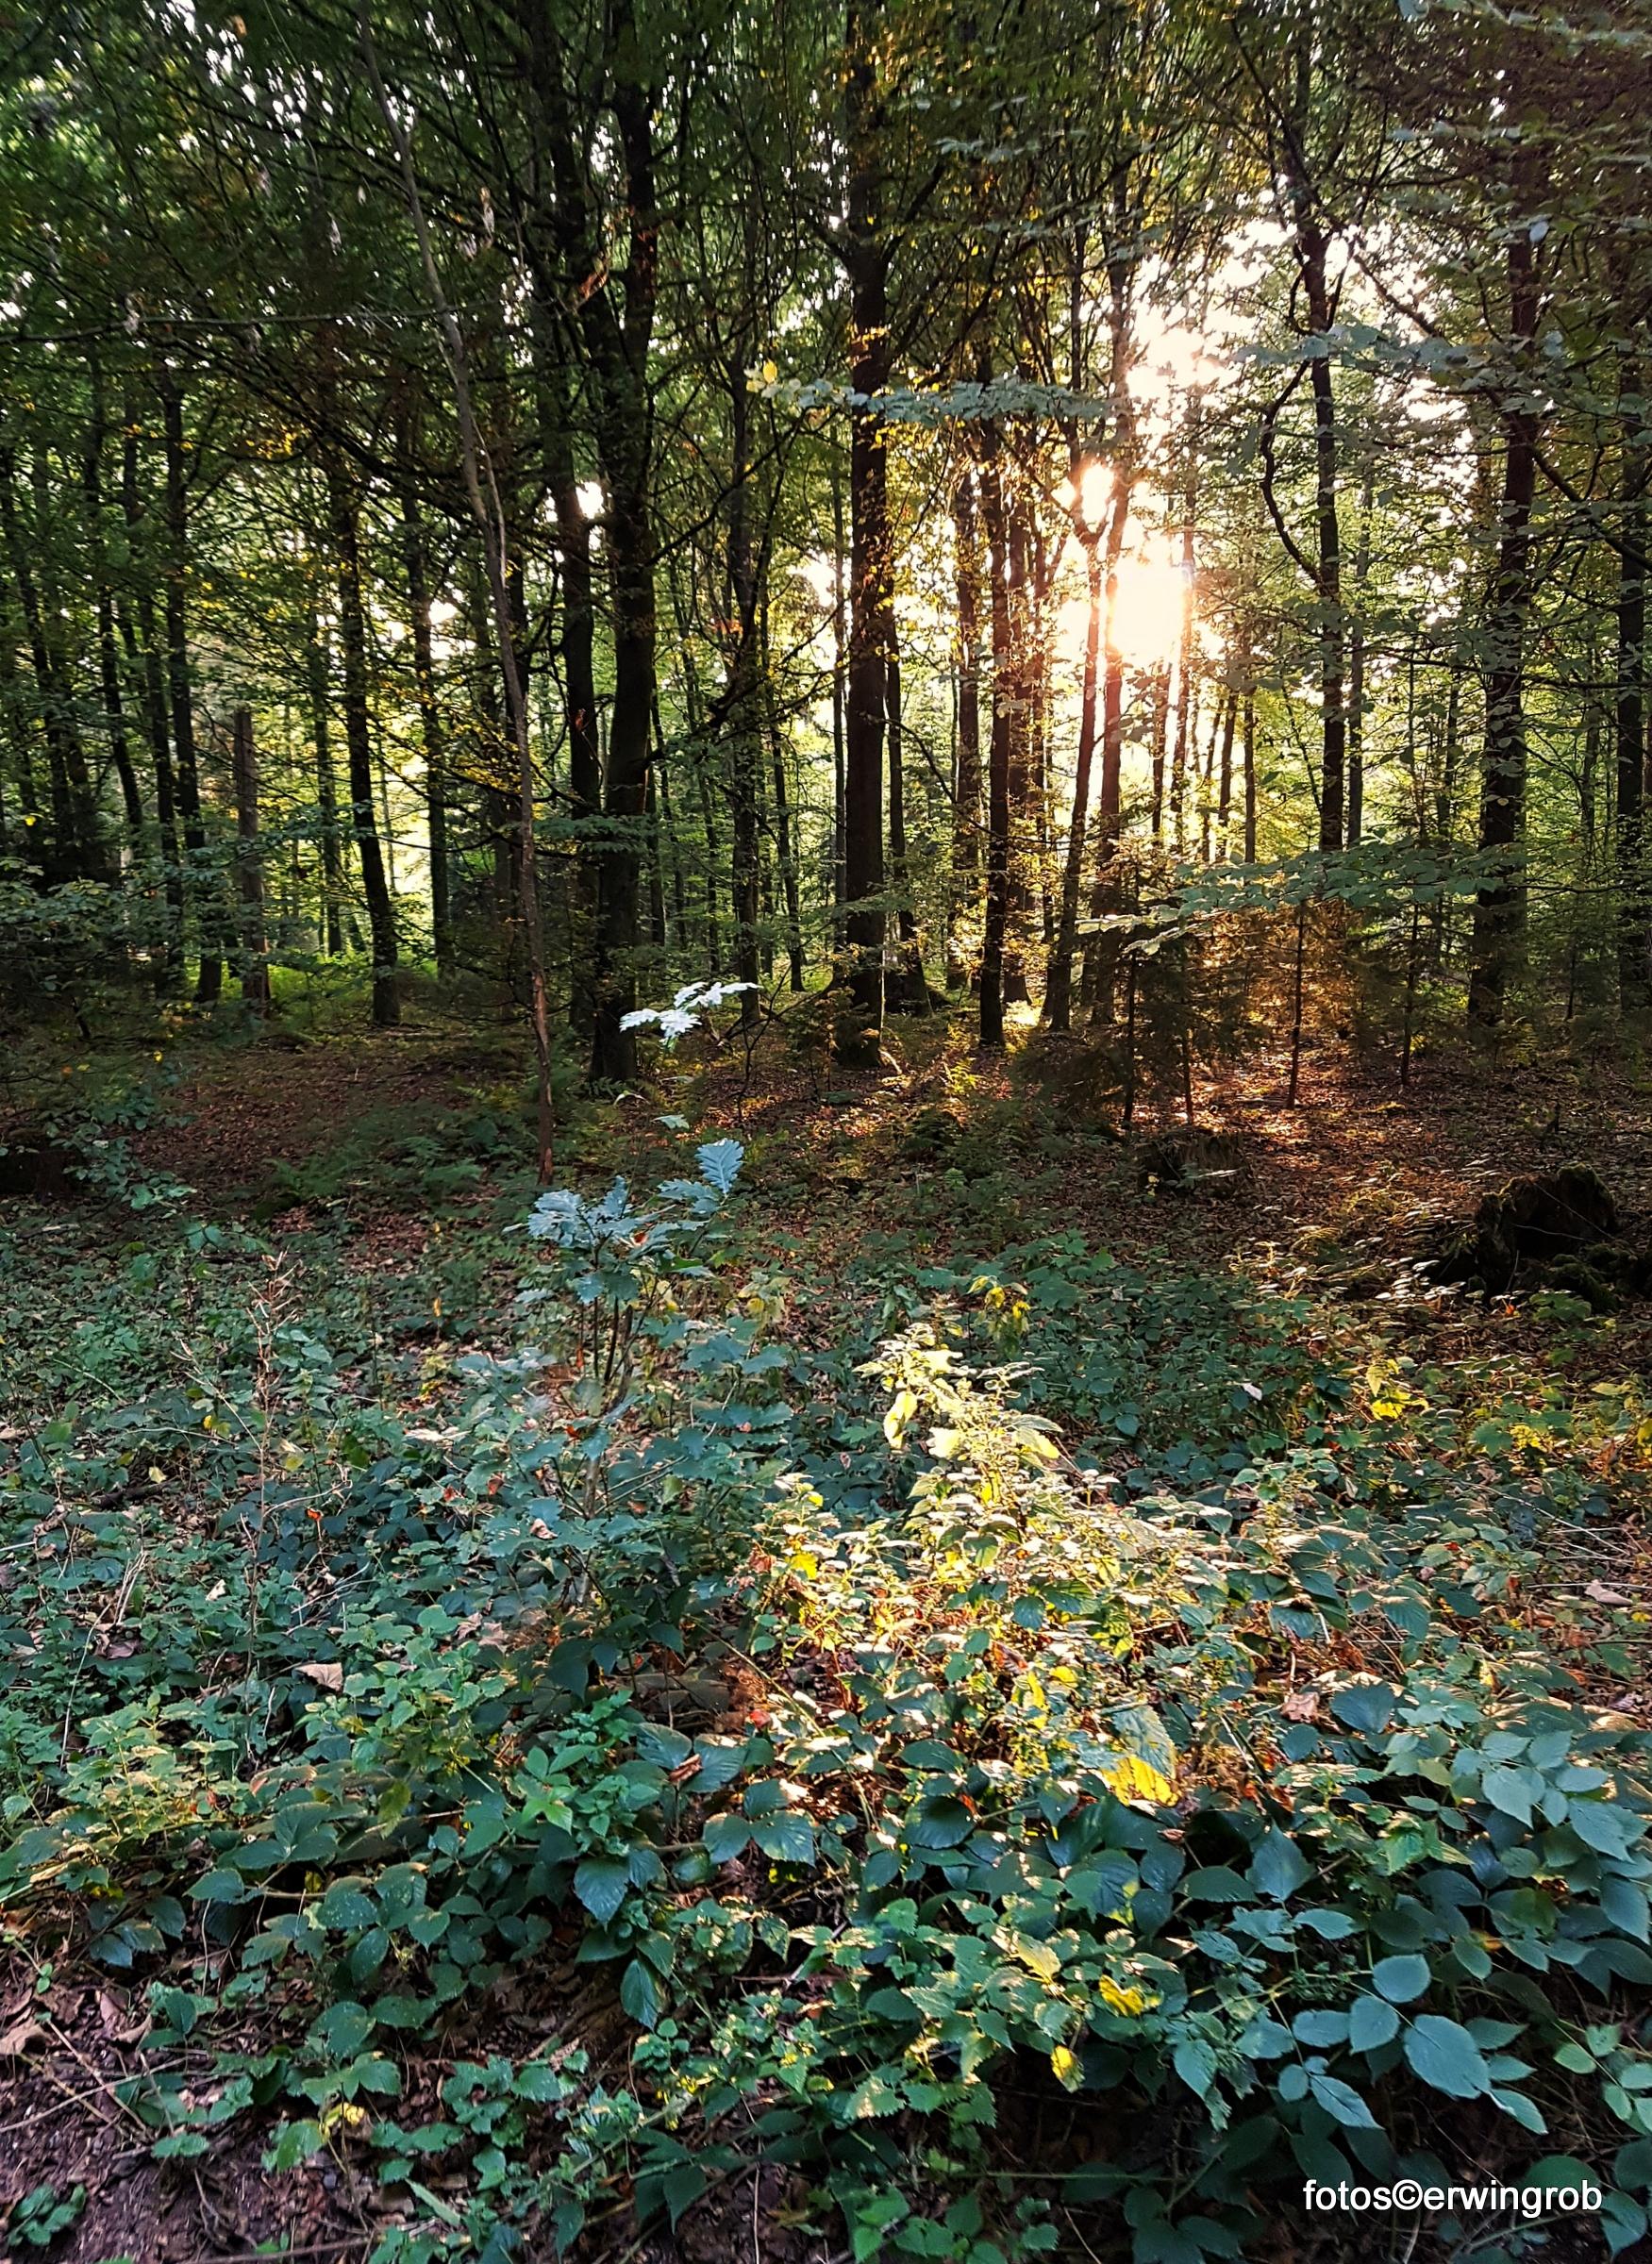 Sonne am Abend scheint durch die Bäume